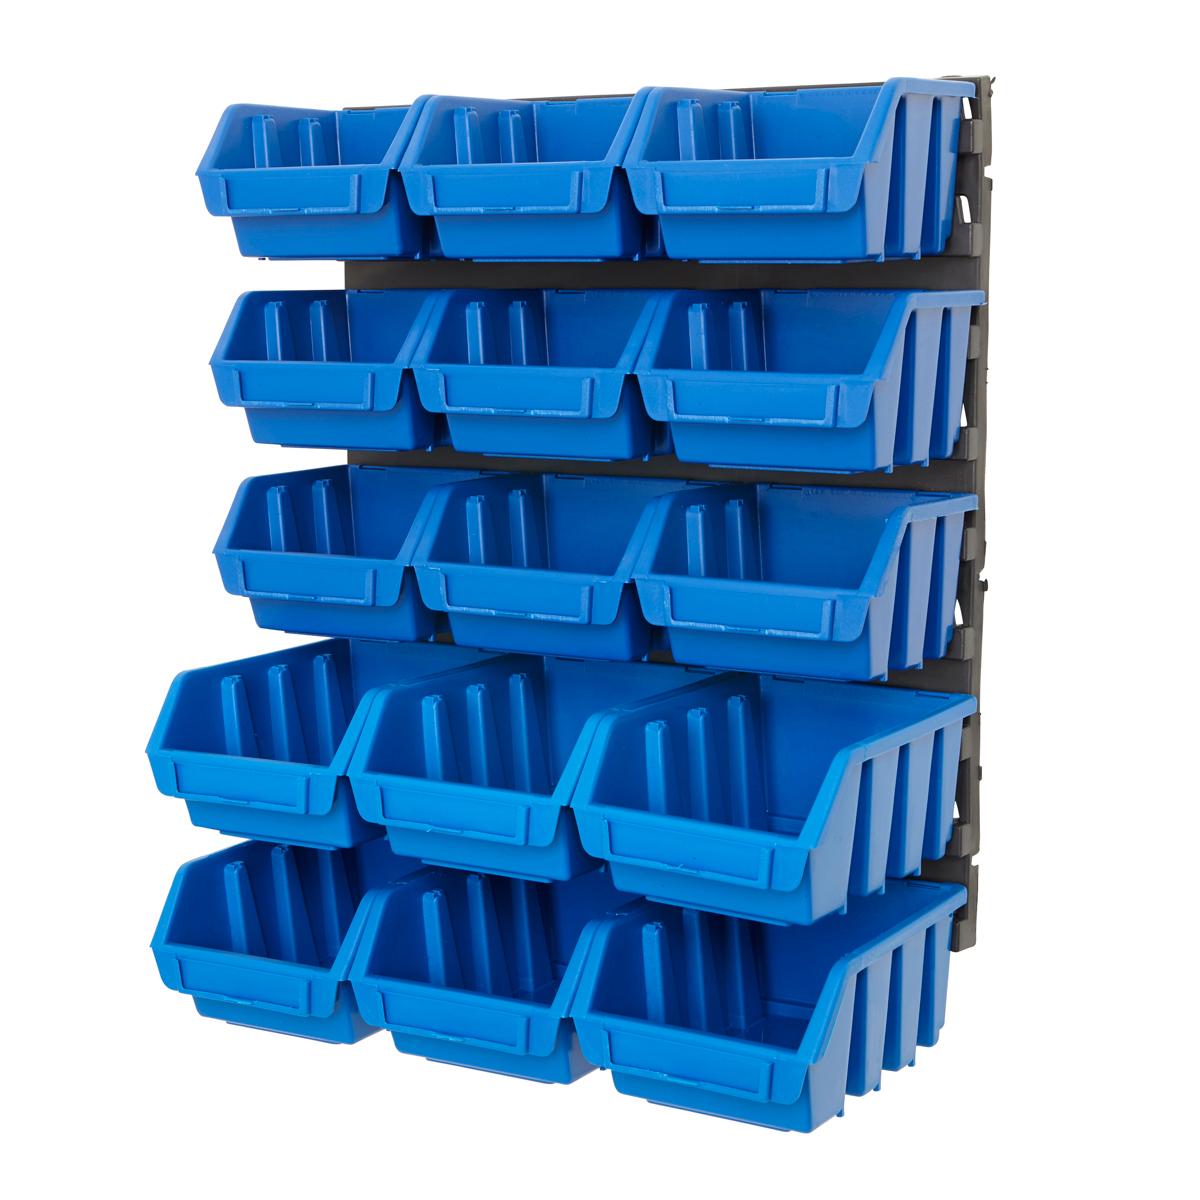 Plastic Bin Kit Wall Garage Storage Parts Bins Tool Diy